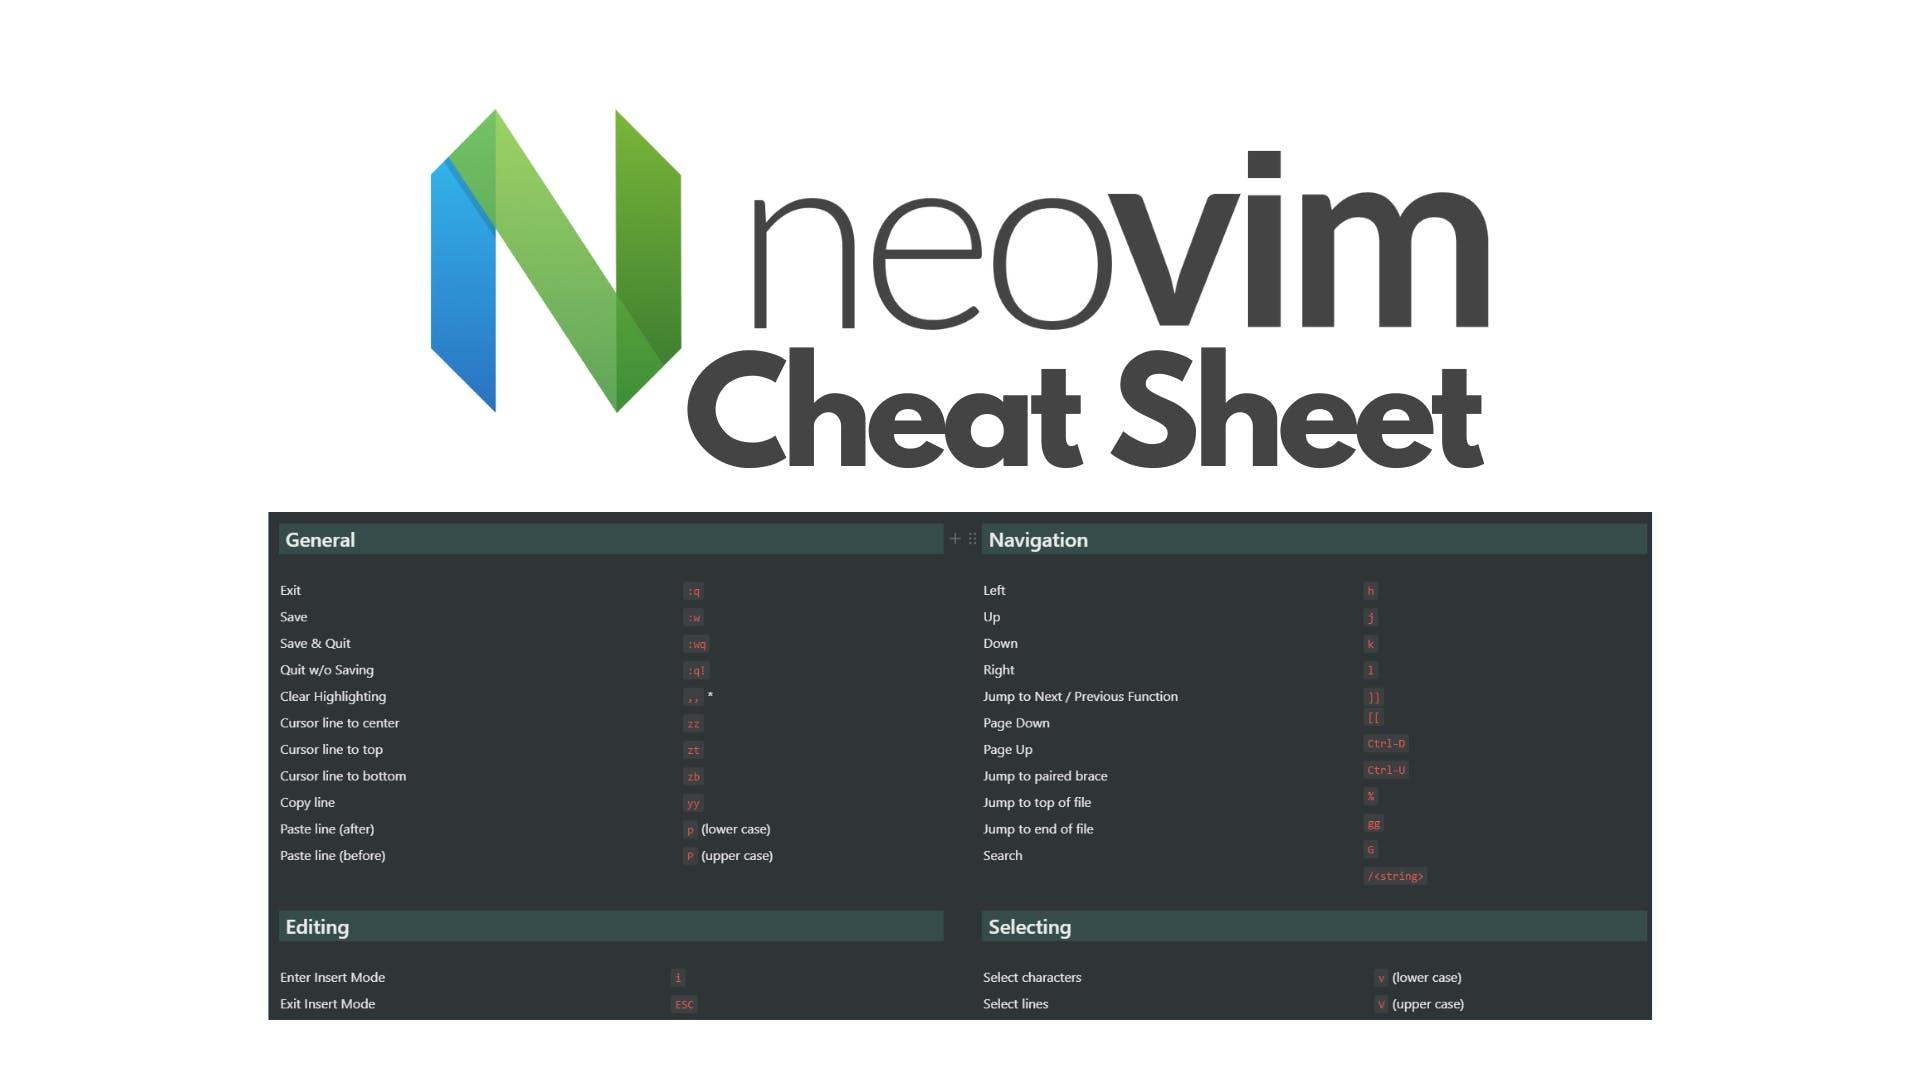 Neovim Cheat Sheet 1920x1080.png